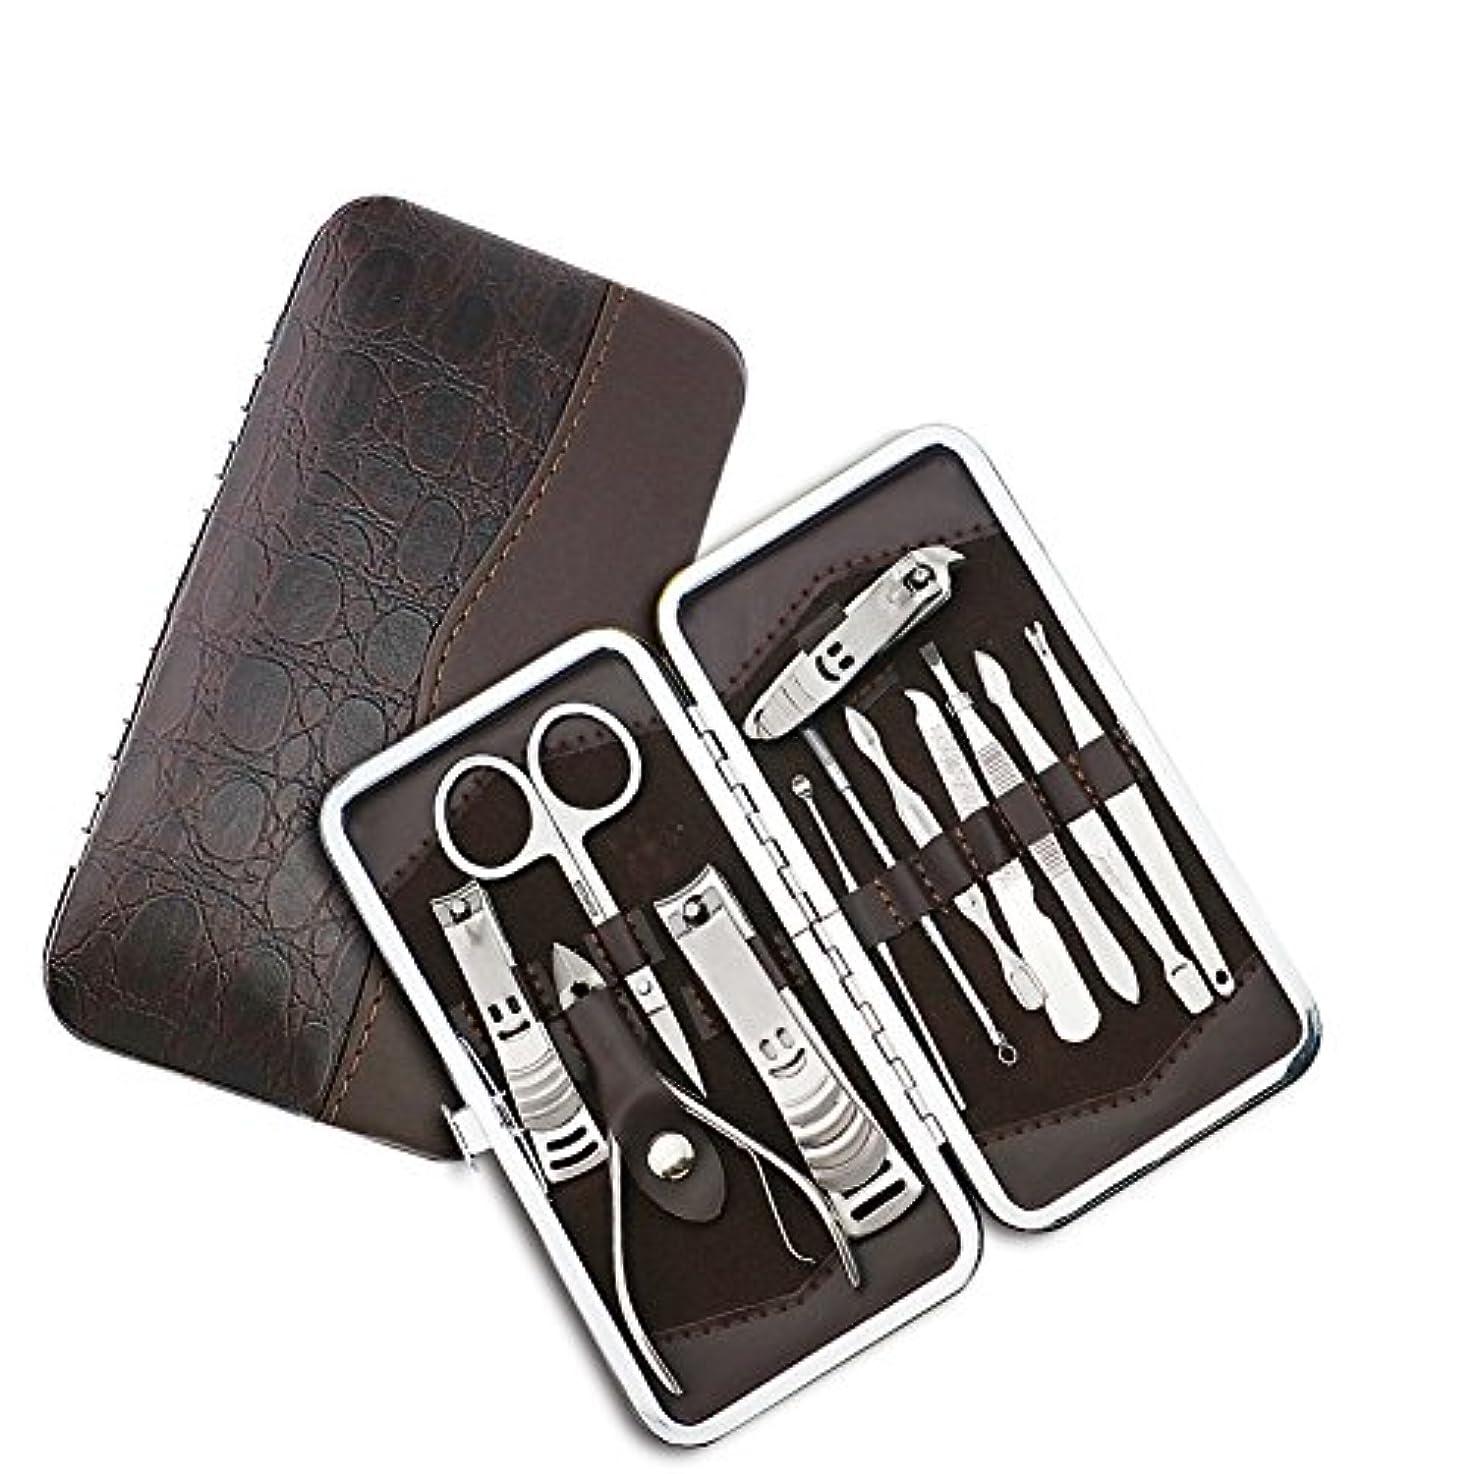 リズム放射するテープネイルはさみネイルクリッパートラベルセット、プロフェッショナルステンレスネイルケアセットベビーセーフネイルクリッパーパーソナルマニキュアセットペディキュアセットは、男性と女性のための指、手足で使用爪切り